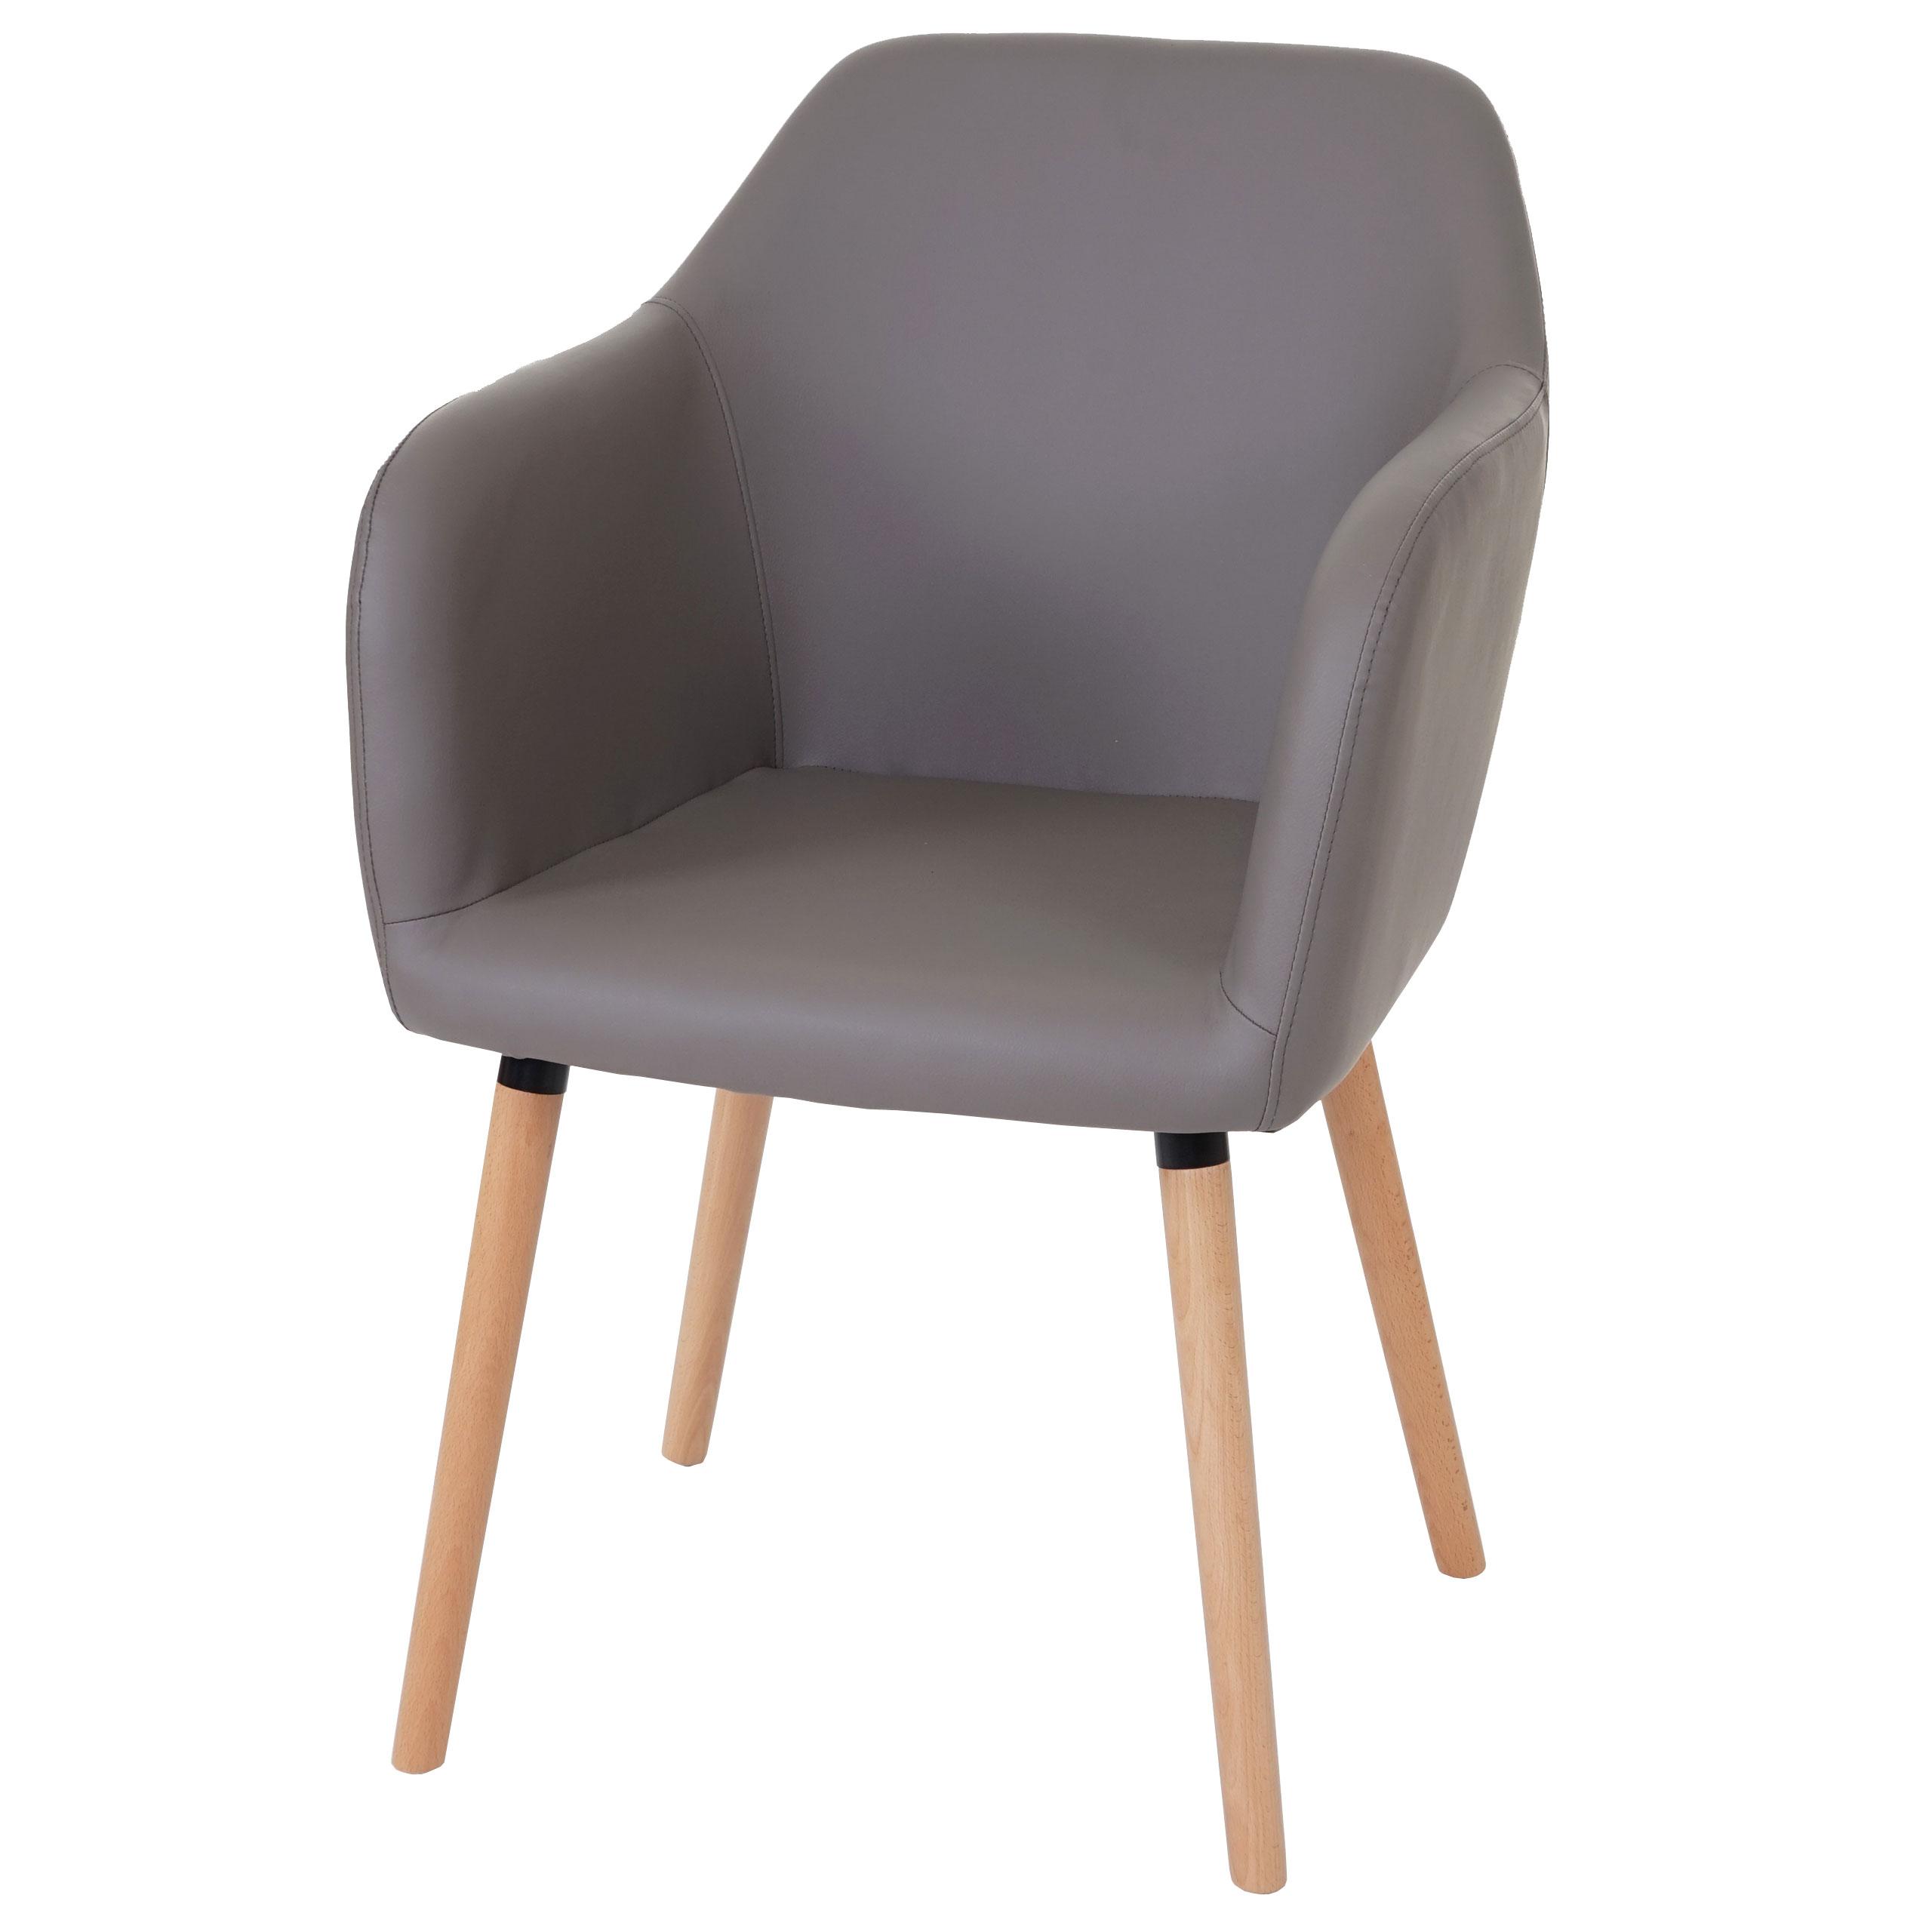 esszimmerstuhl malm t381 stuhl lehnstuhl retro 50er jahre design kunstleder taupe. Black Bedroom Furniture Sets. Home Design Ideas